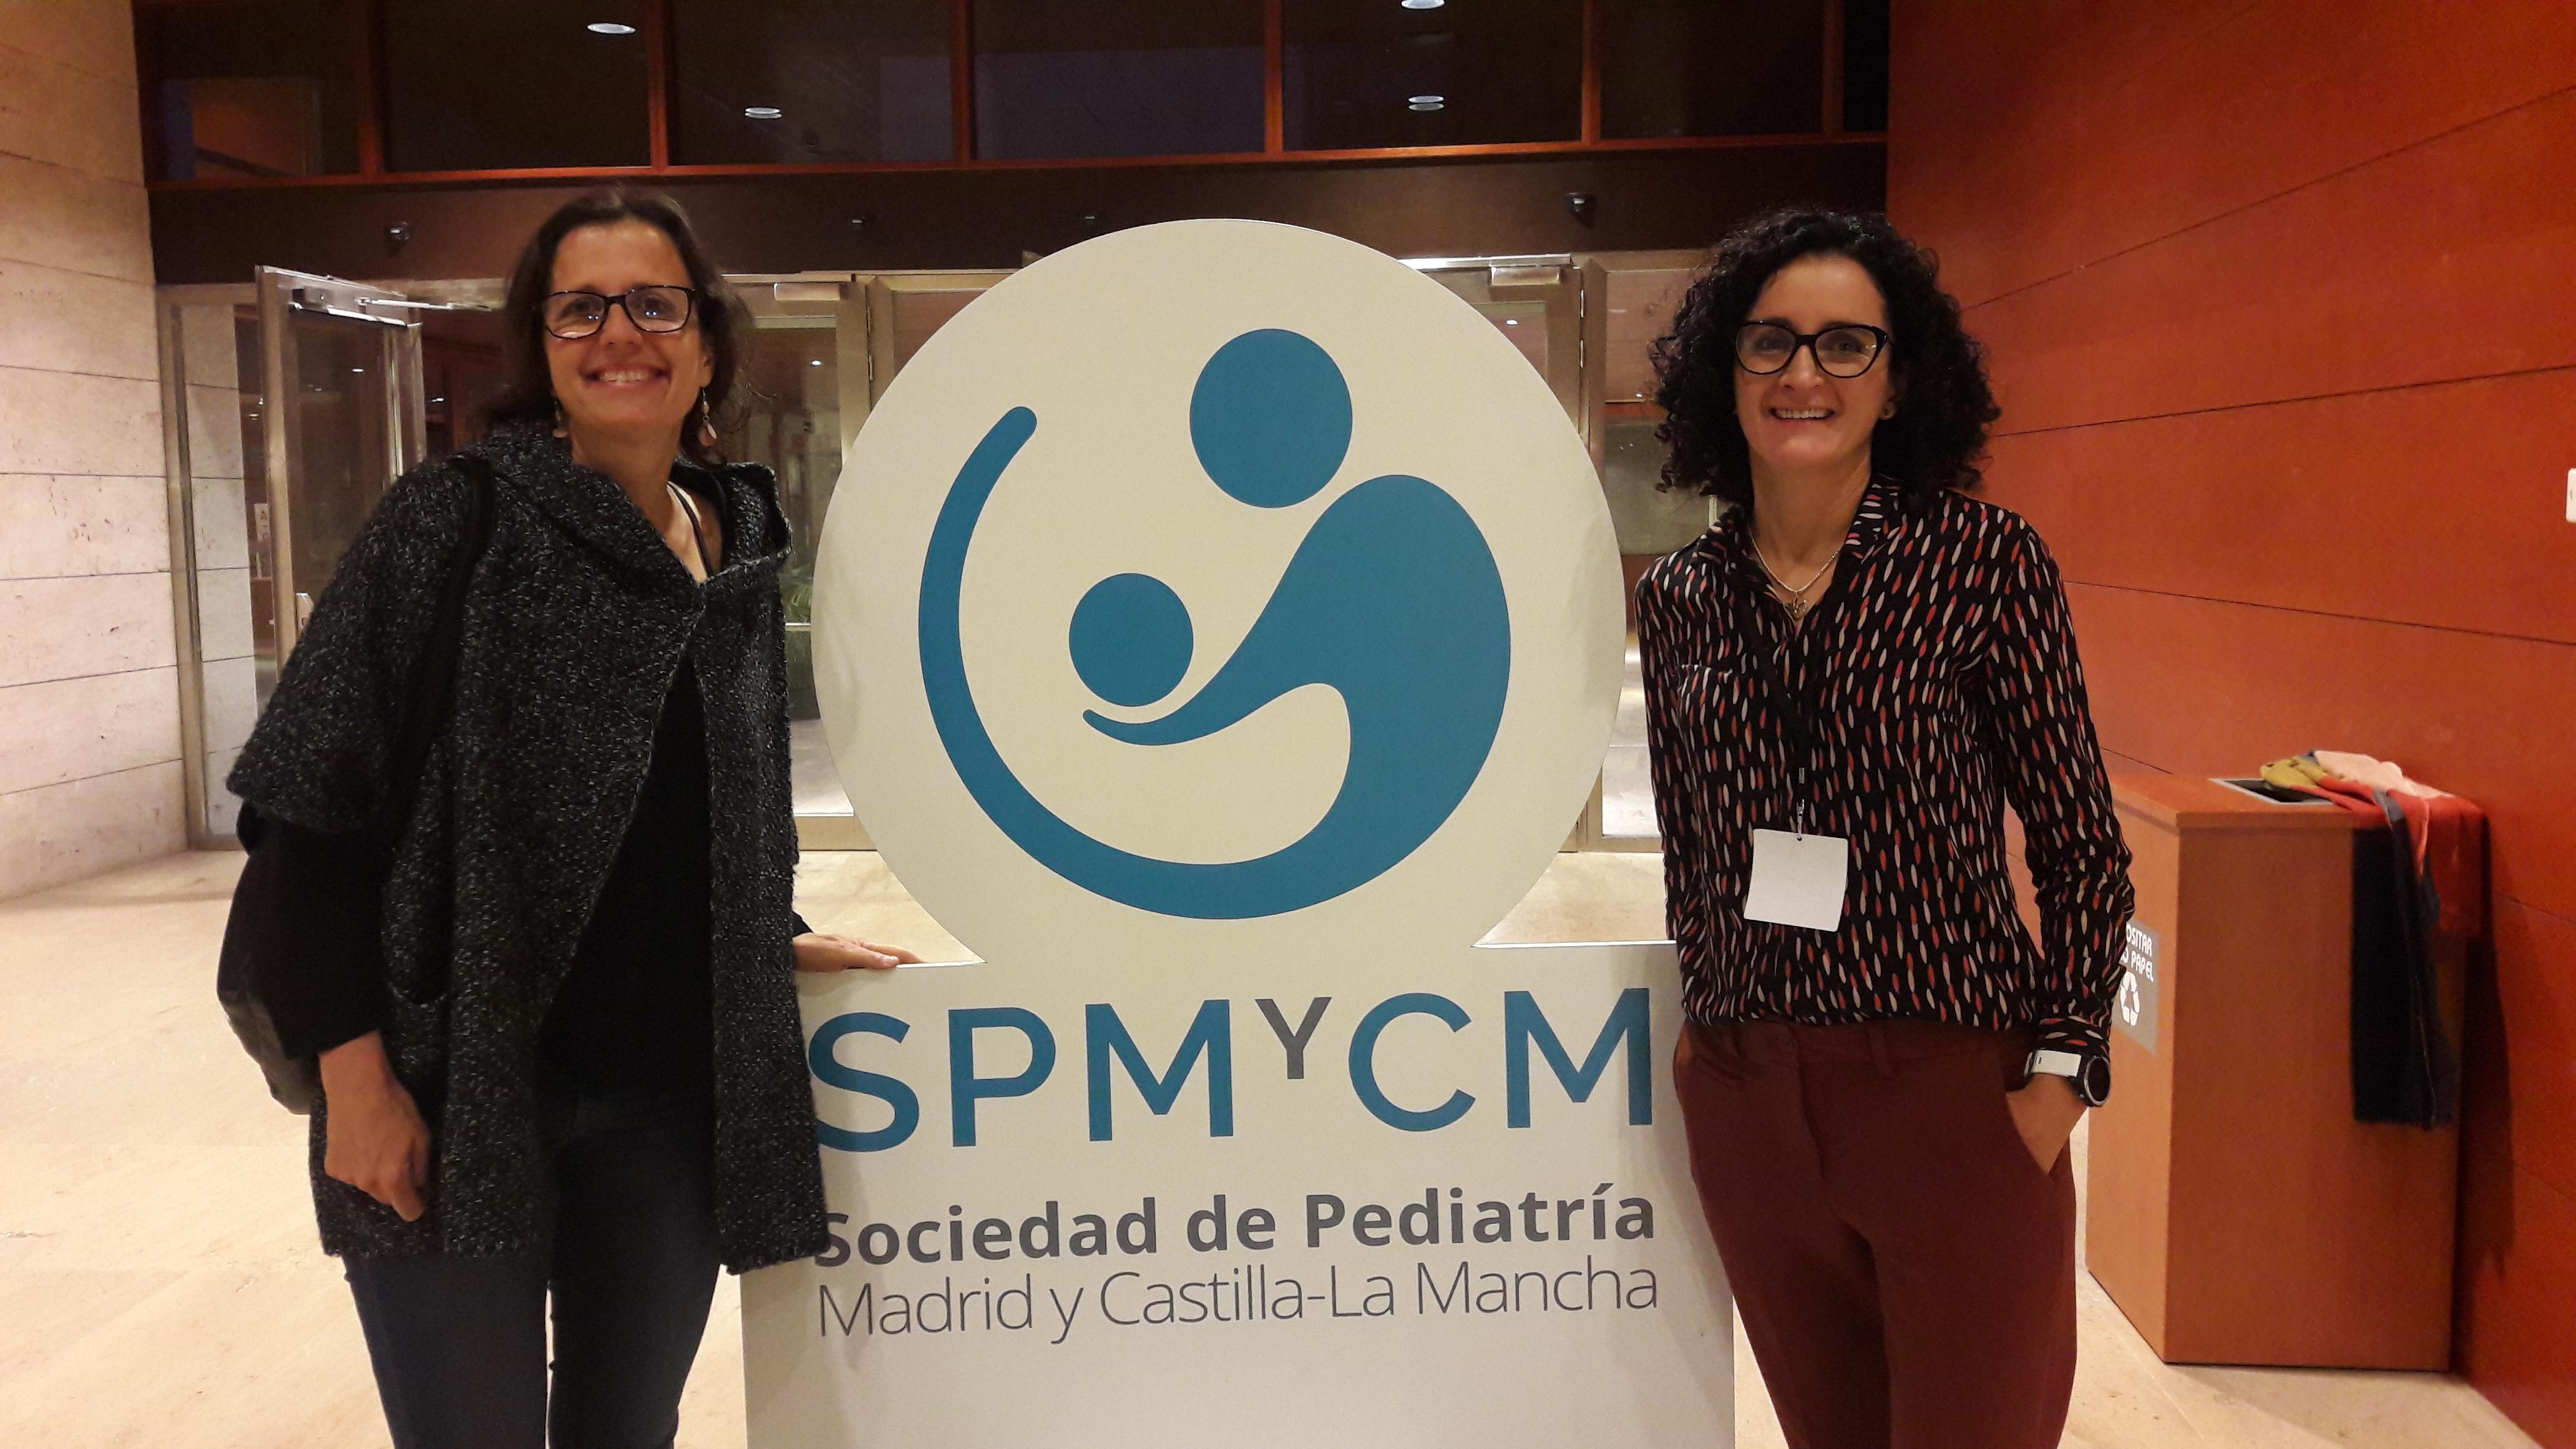 Sylvia Belda y Beatriz Huidobro